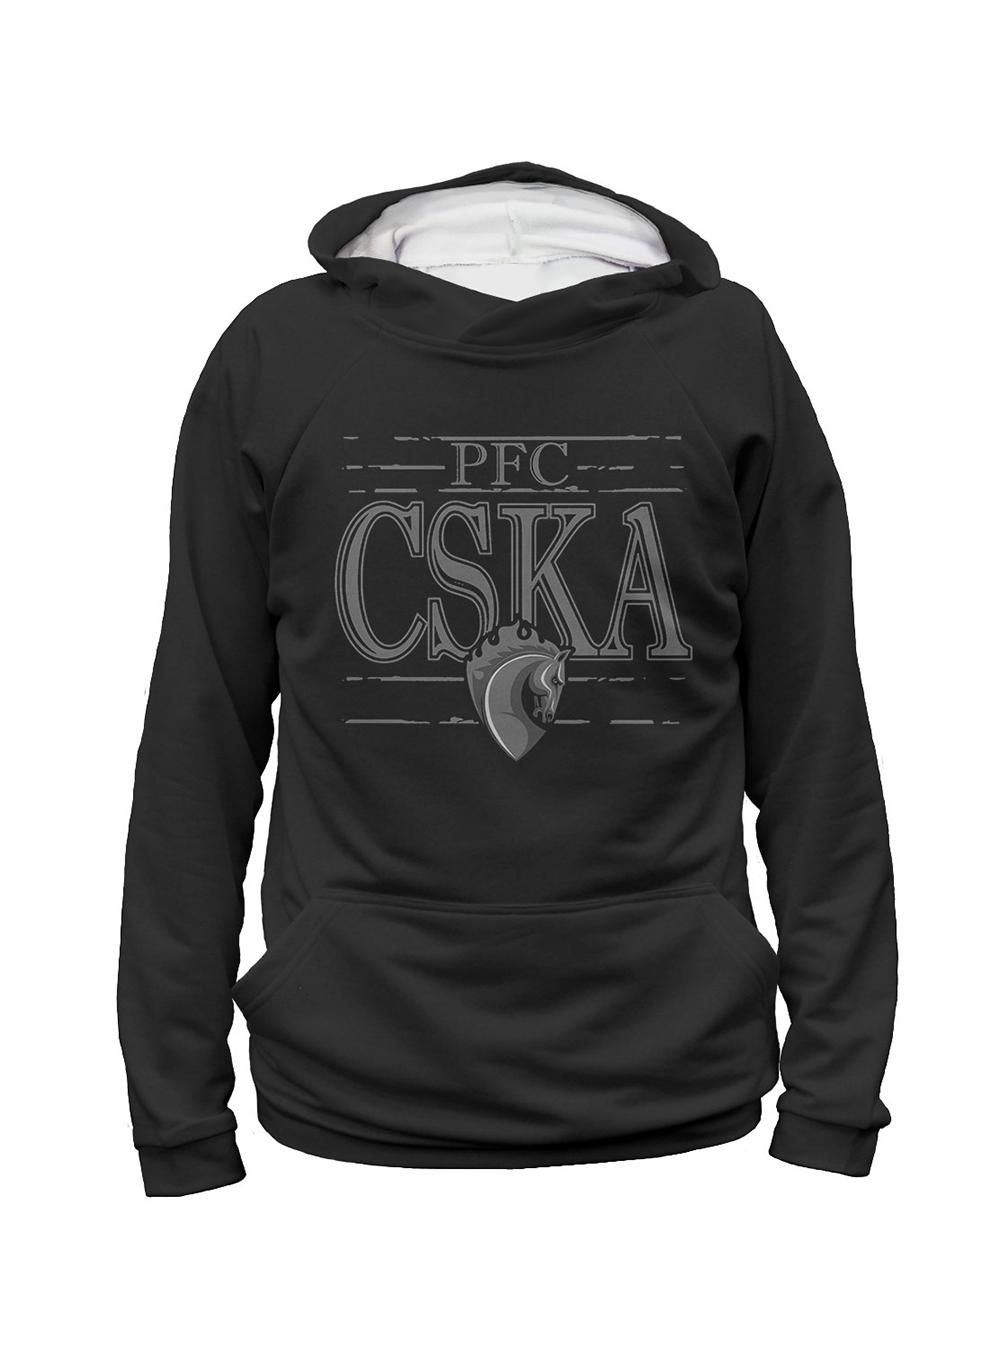 Купить Худи мужское «PFC CSKA. Талисман» (L) по Нижнему Новгороду